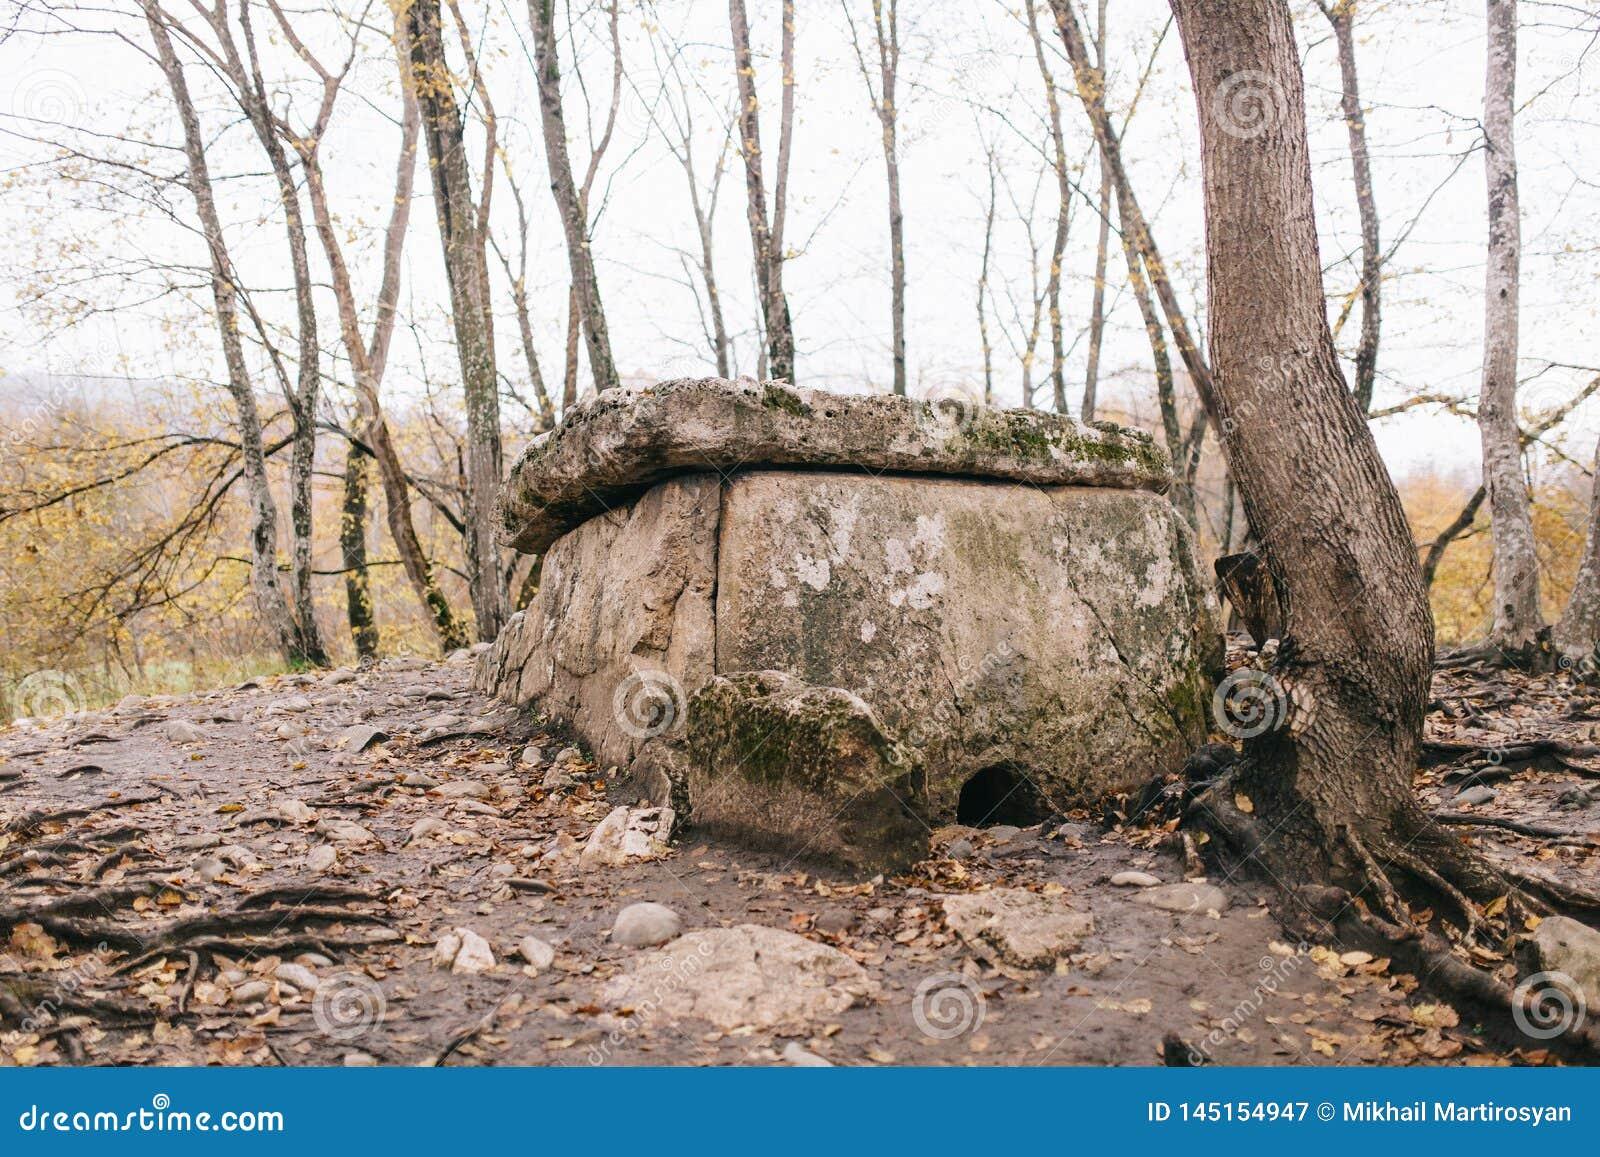 De dolmen zijn megalitische structuren op het grondgebied van Khadzhok in de Republiek van Adygea